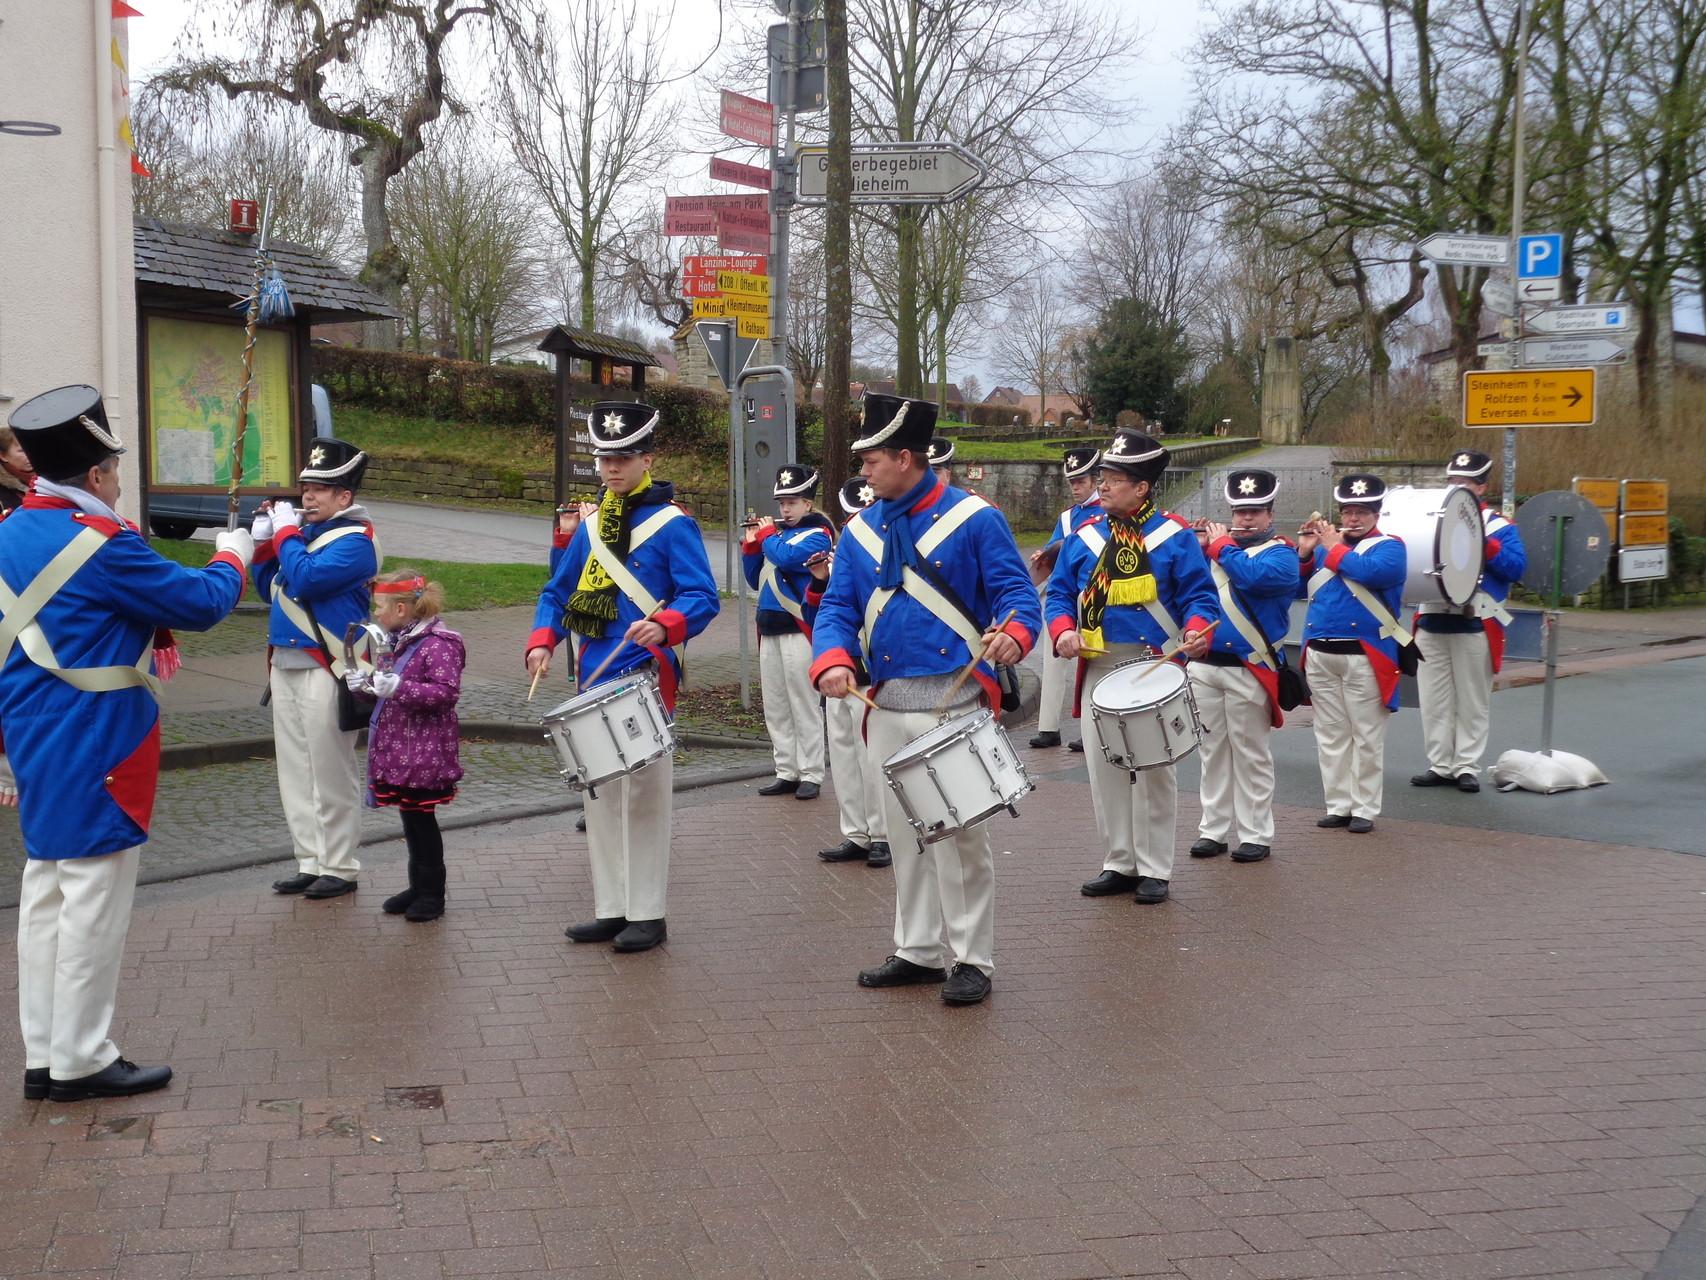 Aufstellung für Karneval in Nieheim